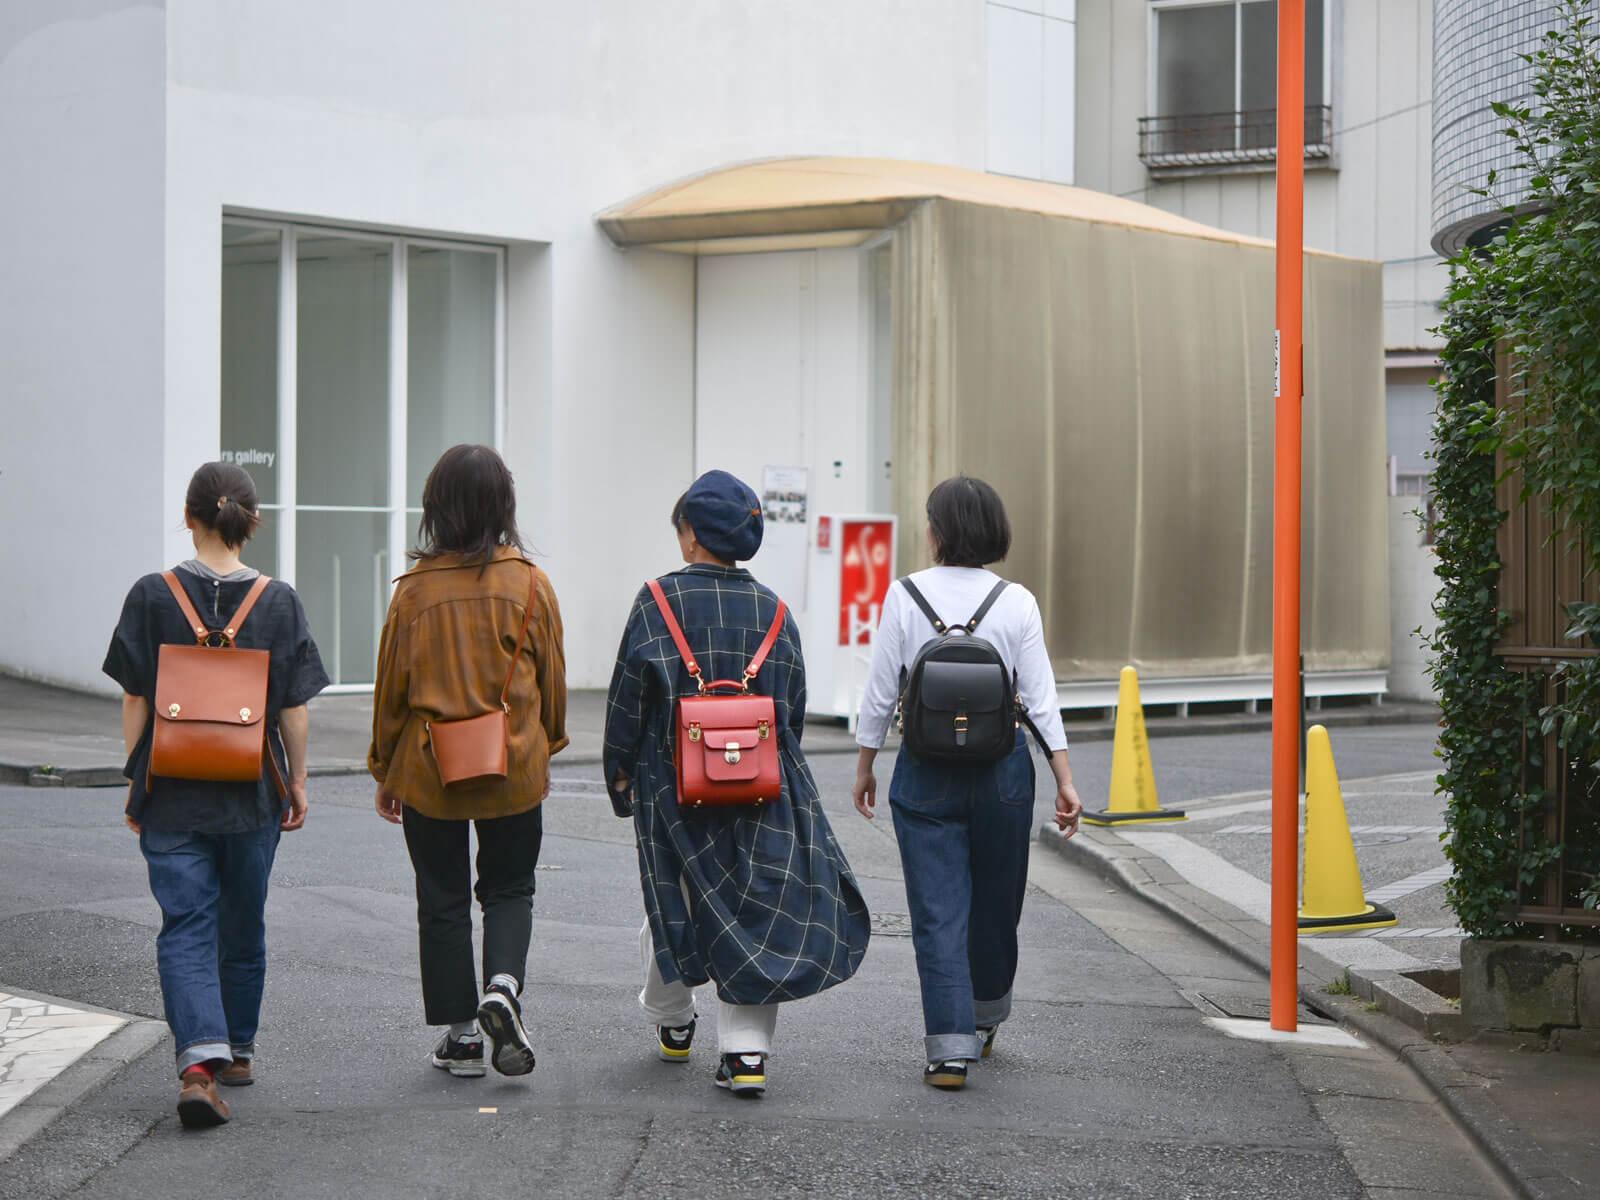 2019旅モノ 4人のサイドストーリー「ミニーズ」1